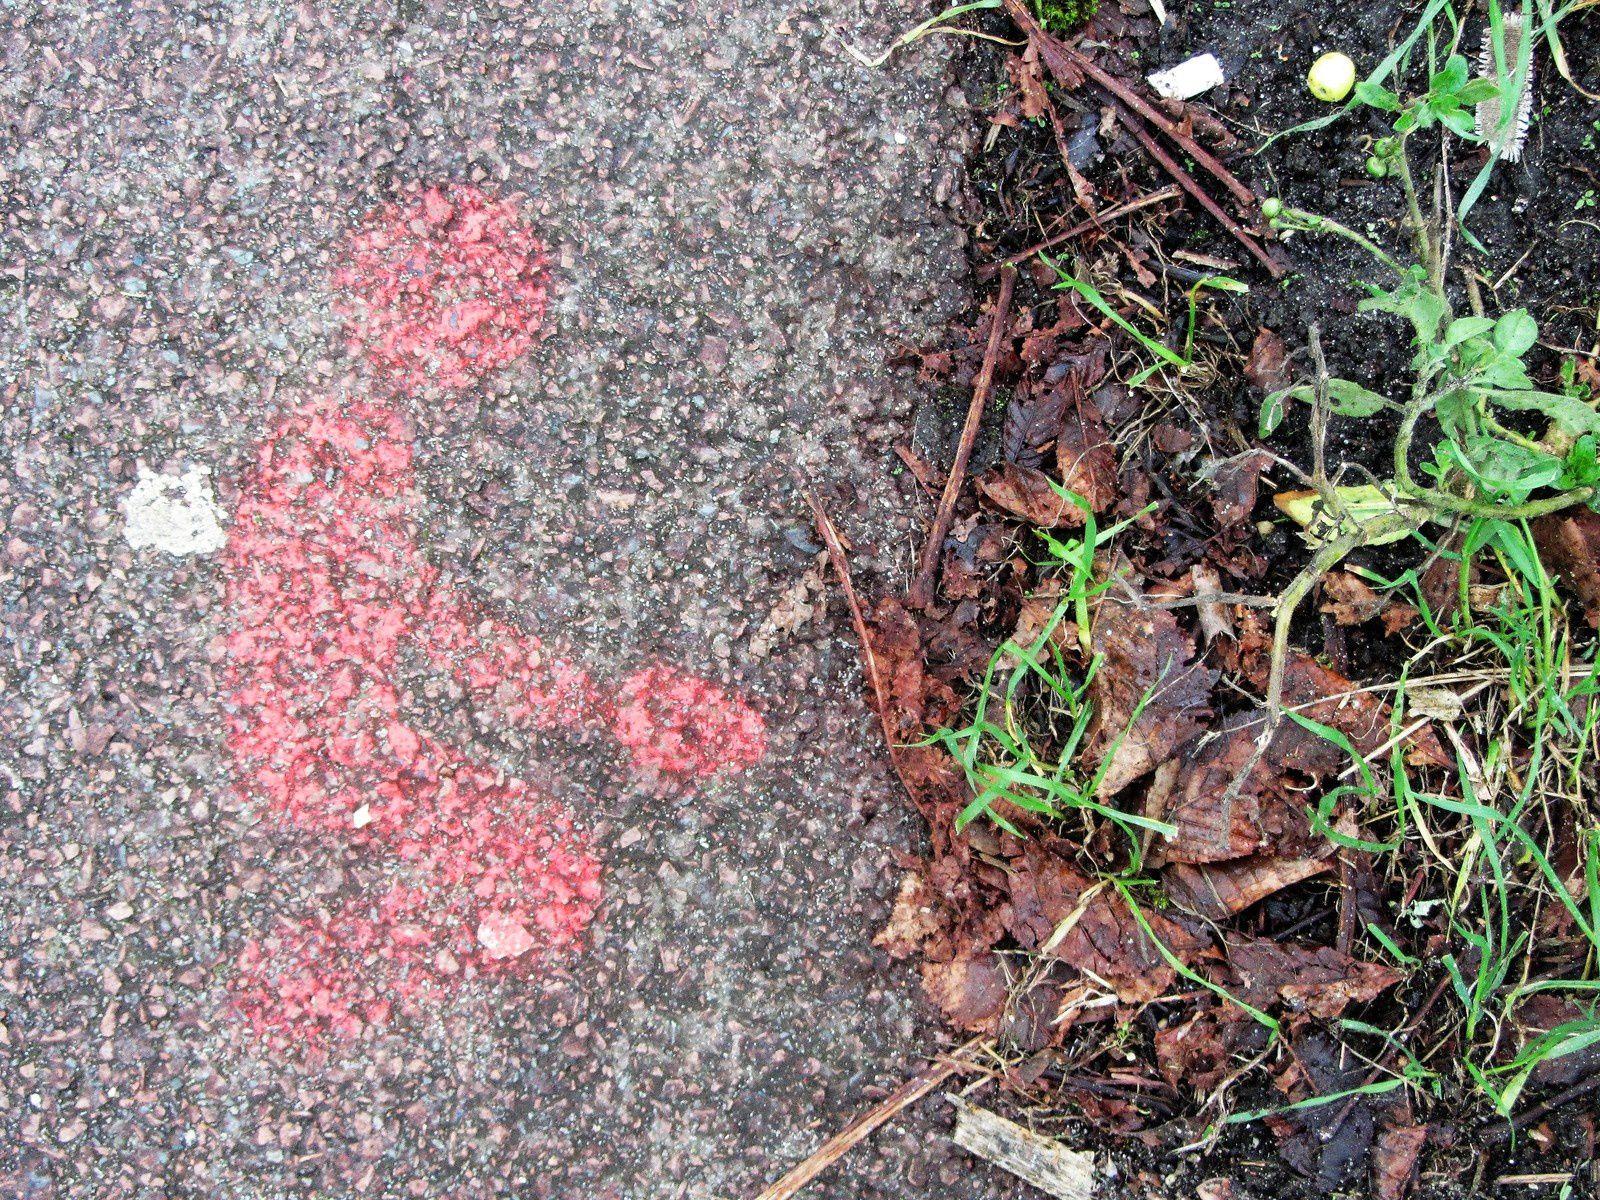 Sur le chemin pour m'y rendre, des pictogrammes sur le trottoir. Avec la particularité d'utiliser avec humour les caractéristiques du bitume.